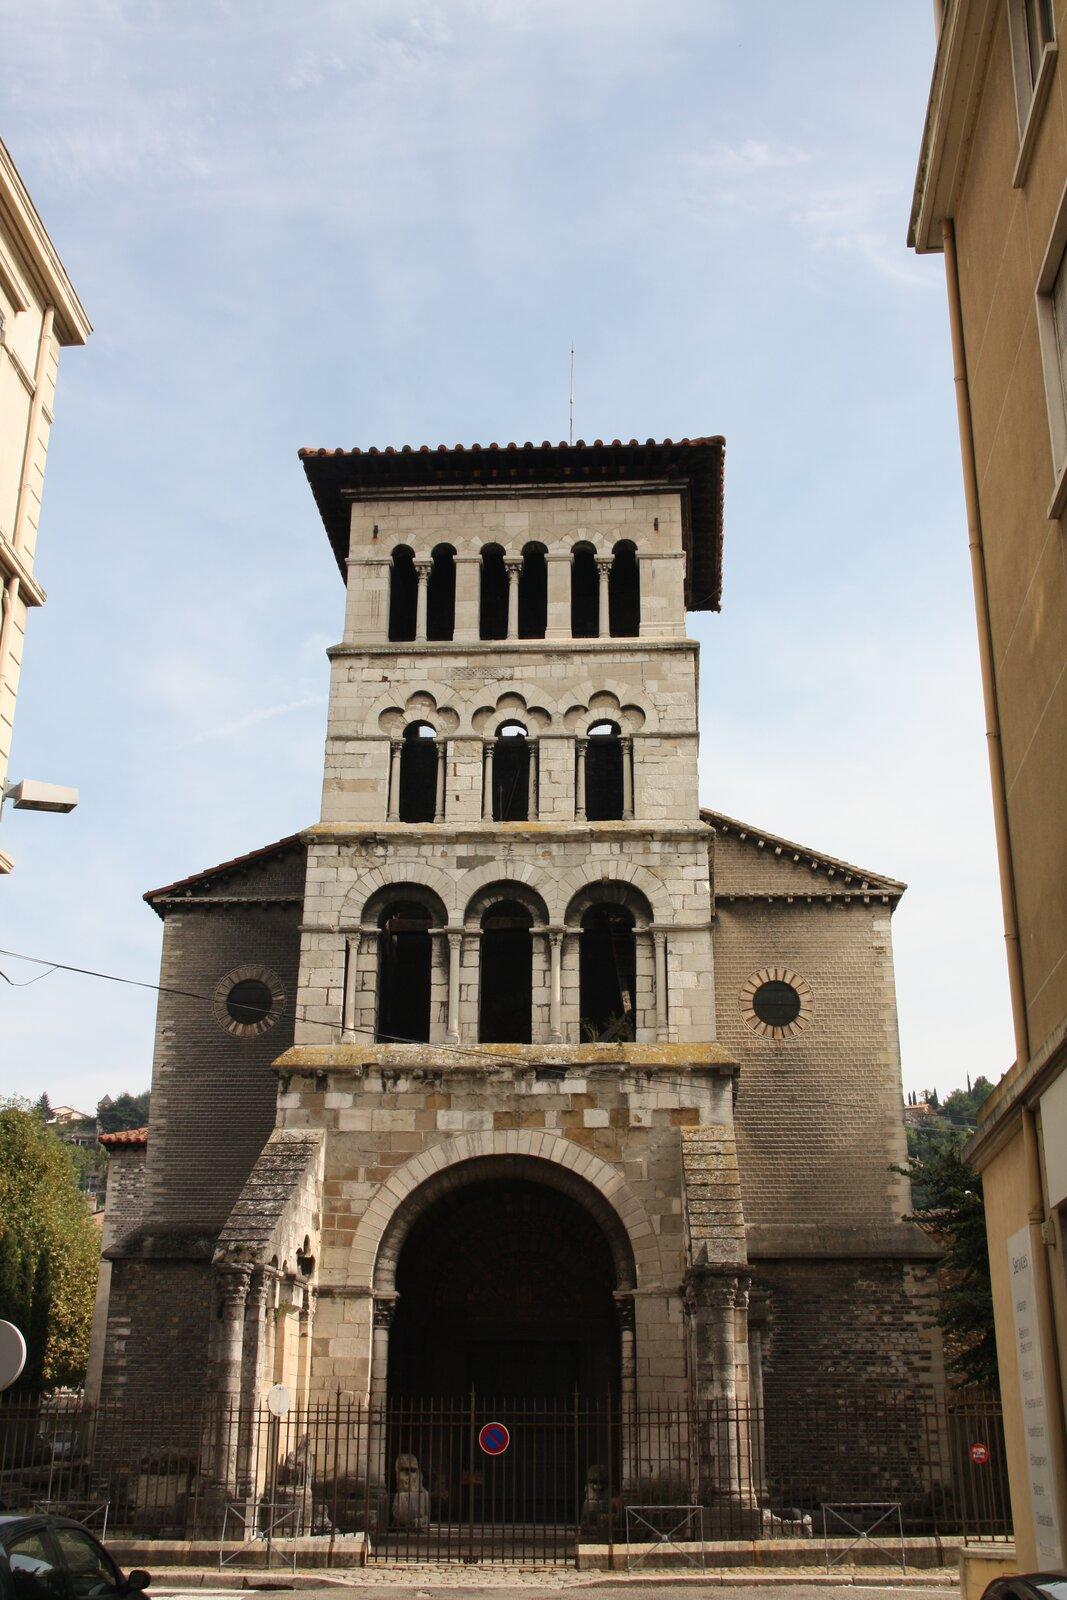 Kościół św. Marcina wVienne, Francja Kościół św. Marcina wVienne, Francja Źródło: Otourly, licencja: CC BY-SA 3.0.